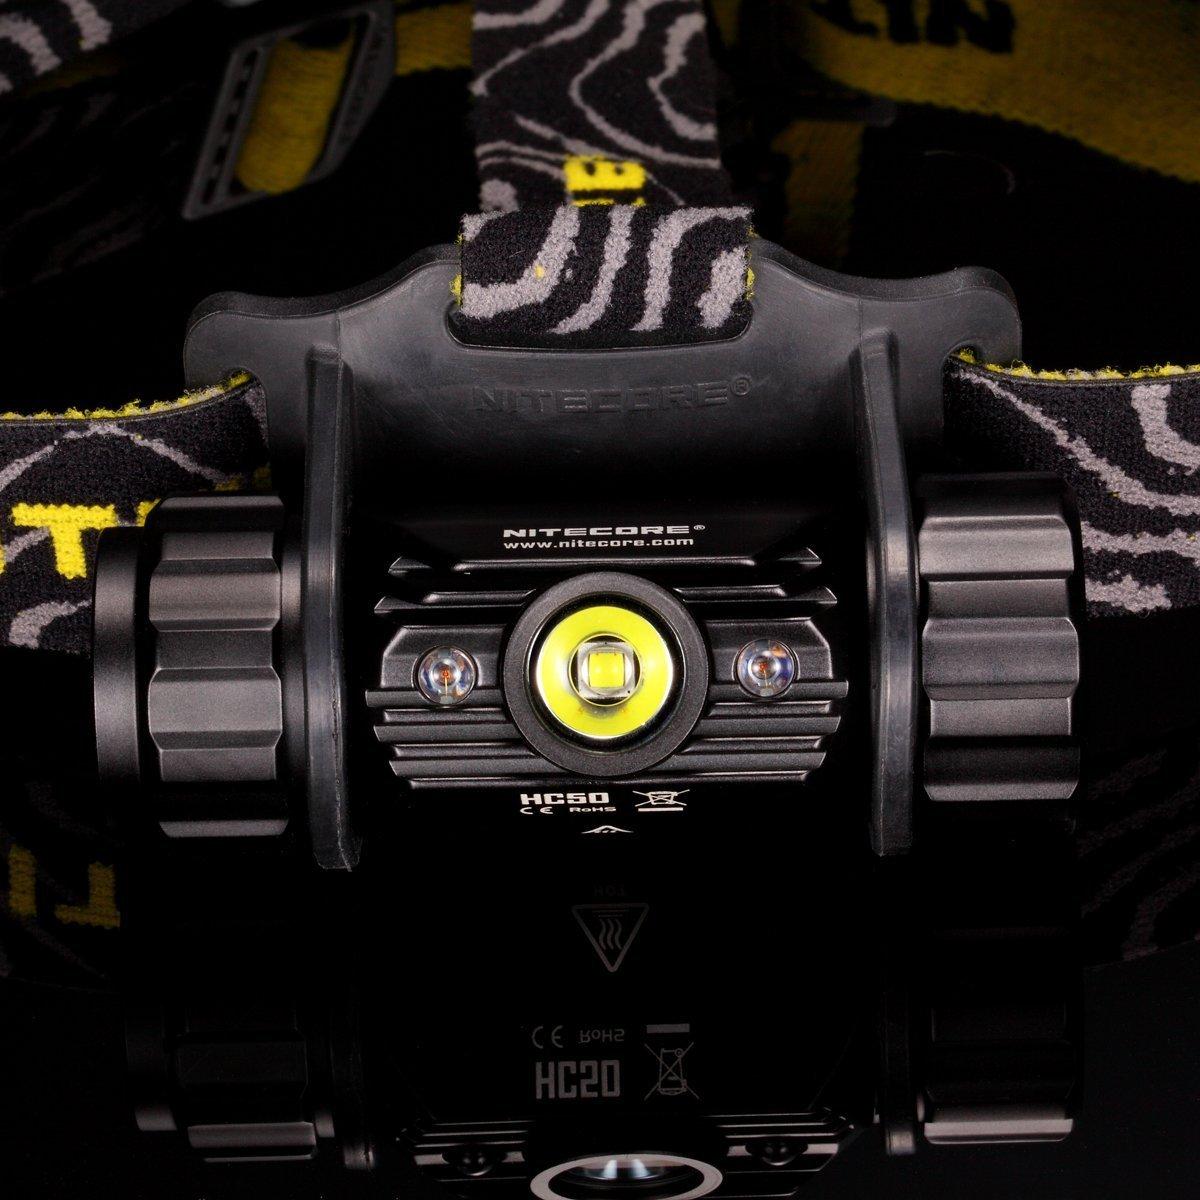 Nitecore NCHC50 Lanterna,Unisex - Adulto, Negro, un tamaño: Amazon.es: Deportes y aire libre